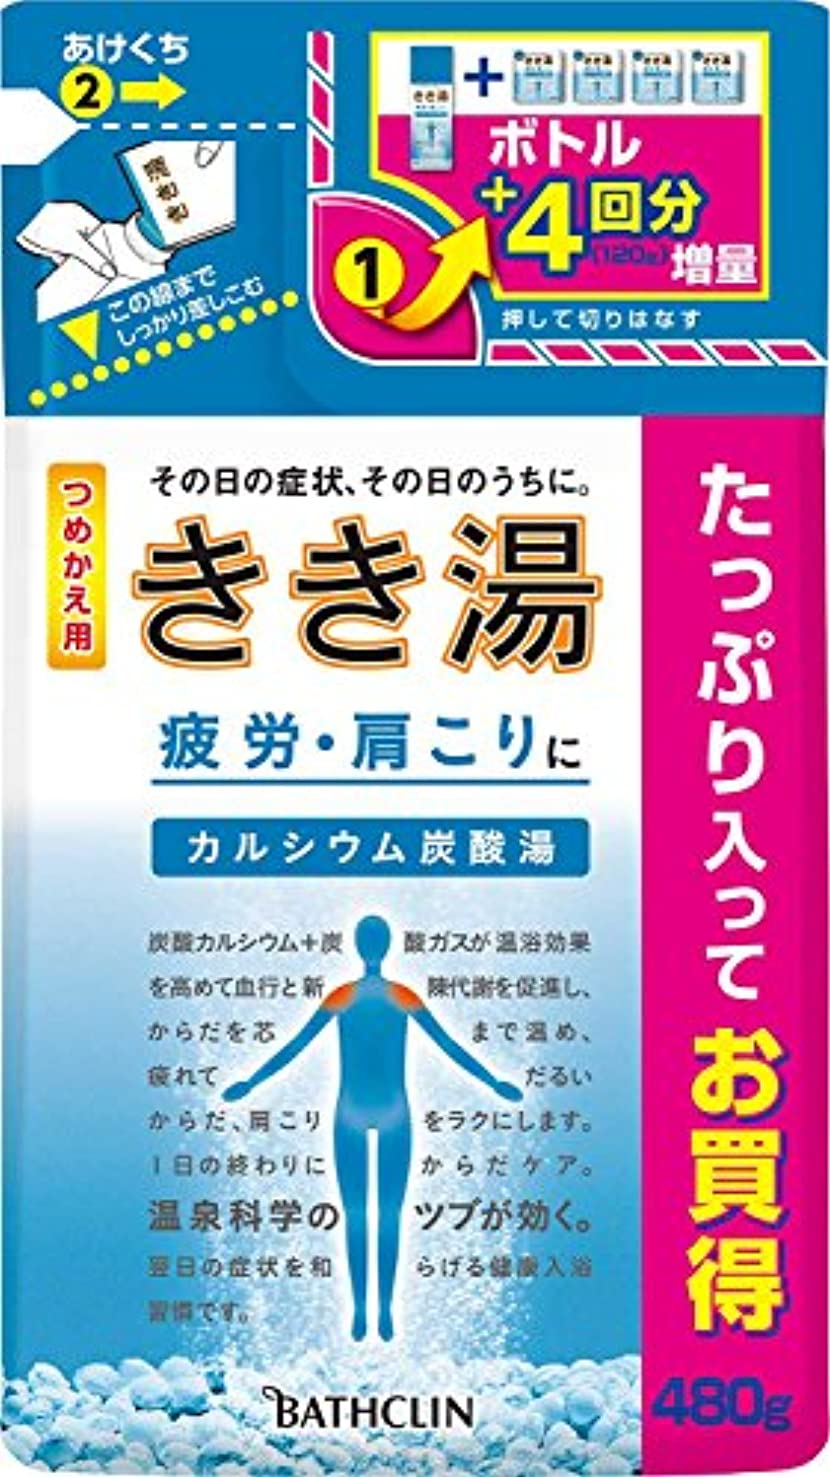 減少嫌い湿気の多いきき湯 カルシウム炭酸湯 つめかえ用480g 入浴剤 (医薬部外品)